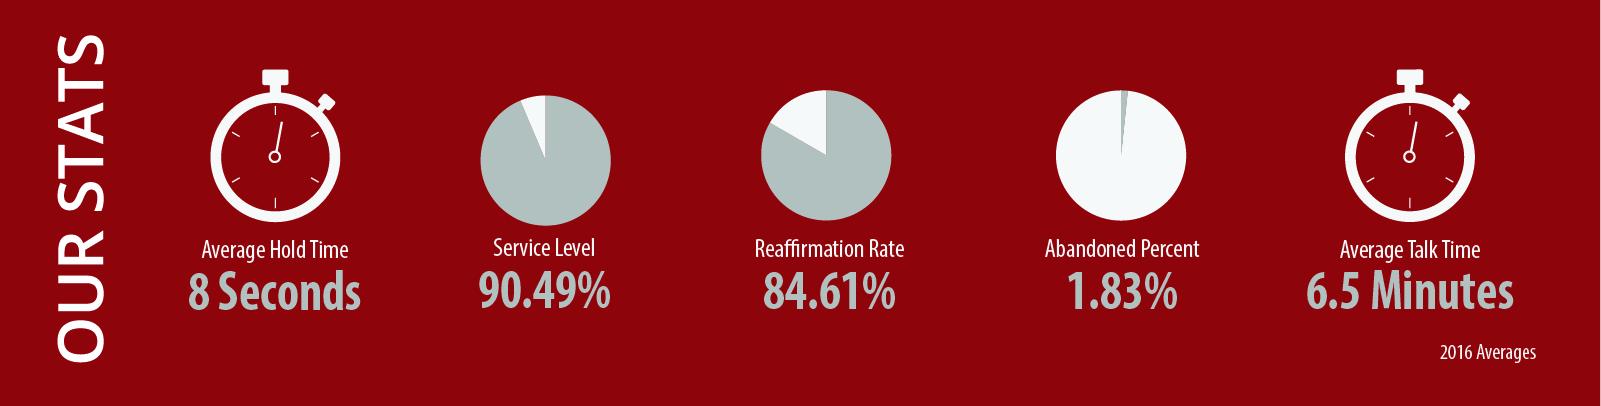 Our Stats v2.jpg